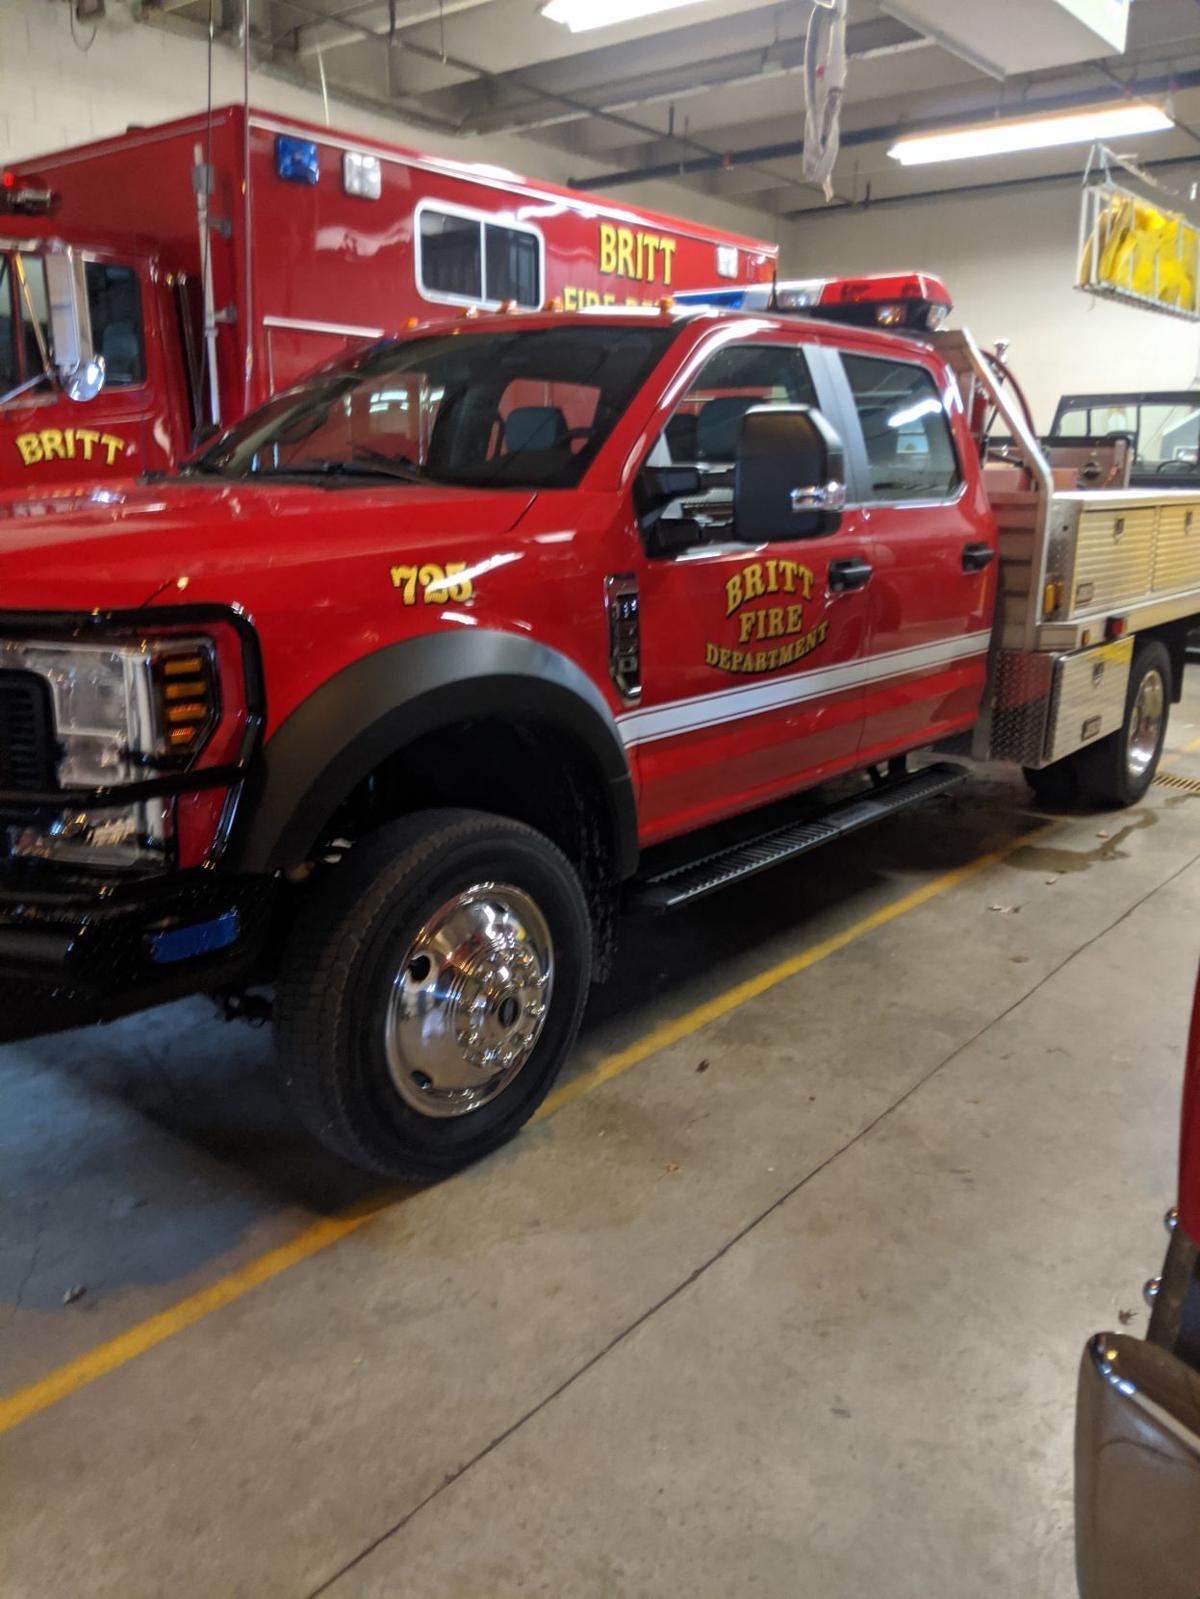 Britt Fire Department